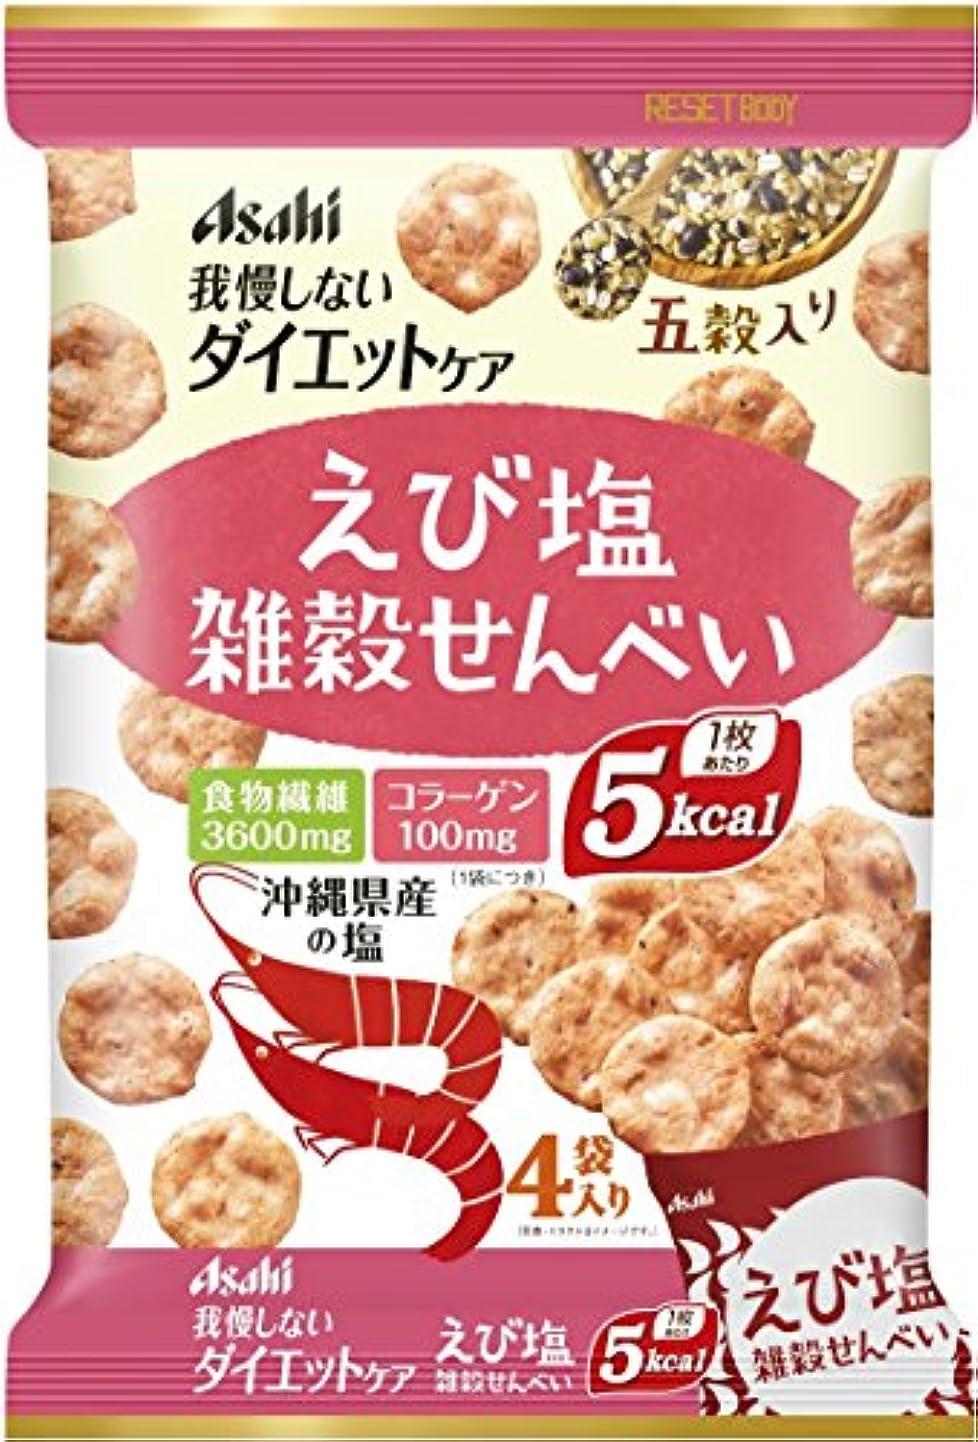 重要ストレスの多い大人リセットボディ 雑穀せんべい えび塩味 22g 4袋